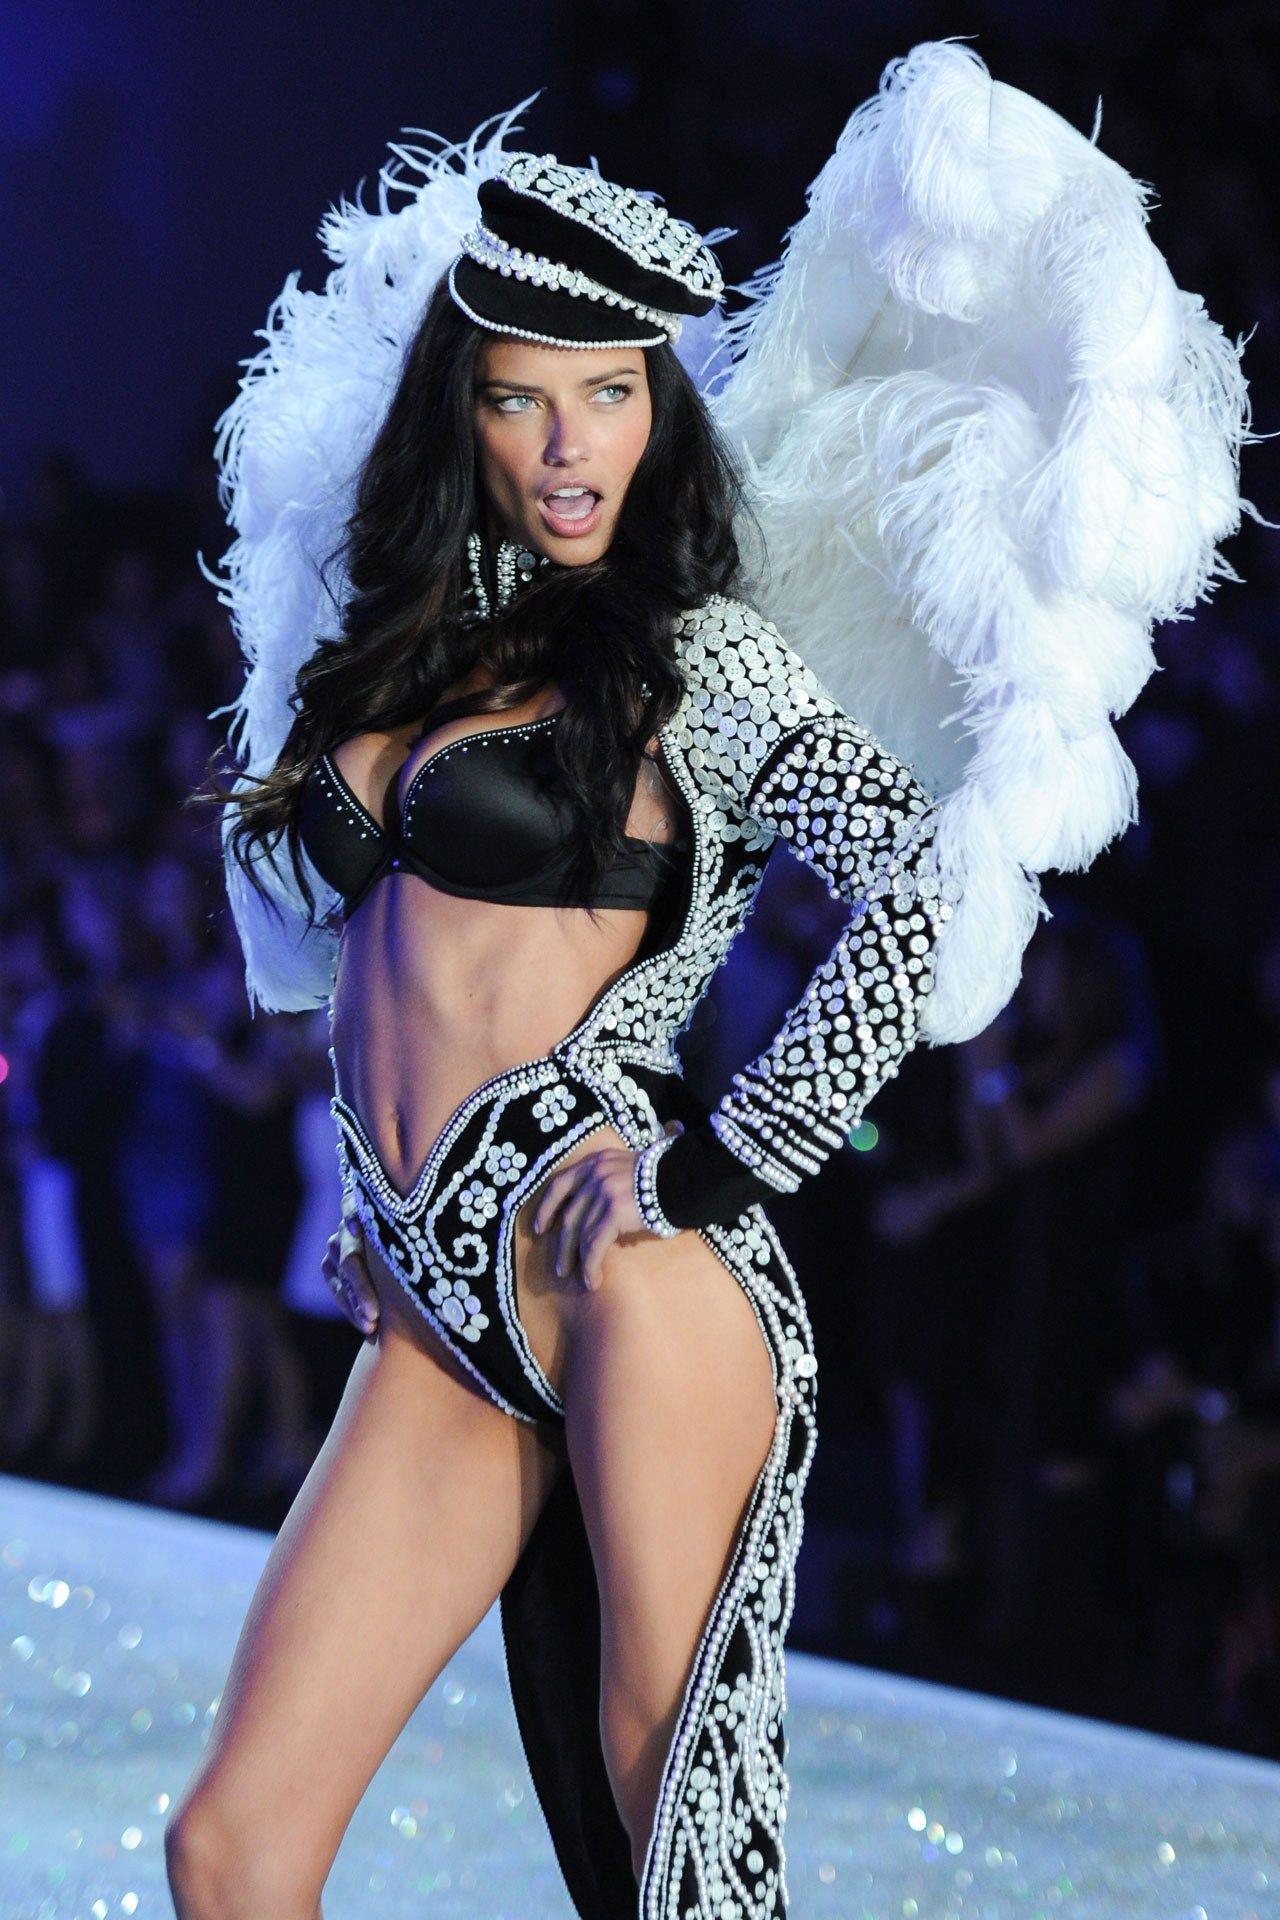 Victoria's Secret Fashion Show 2013 Pictures - Outfits (Vogue.com UK)